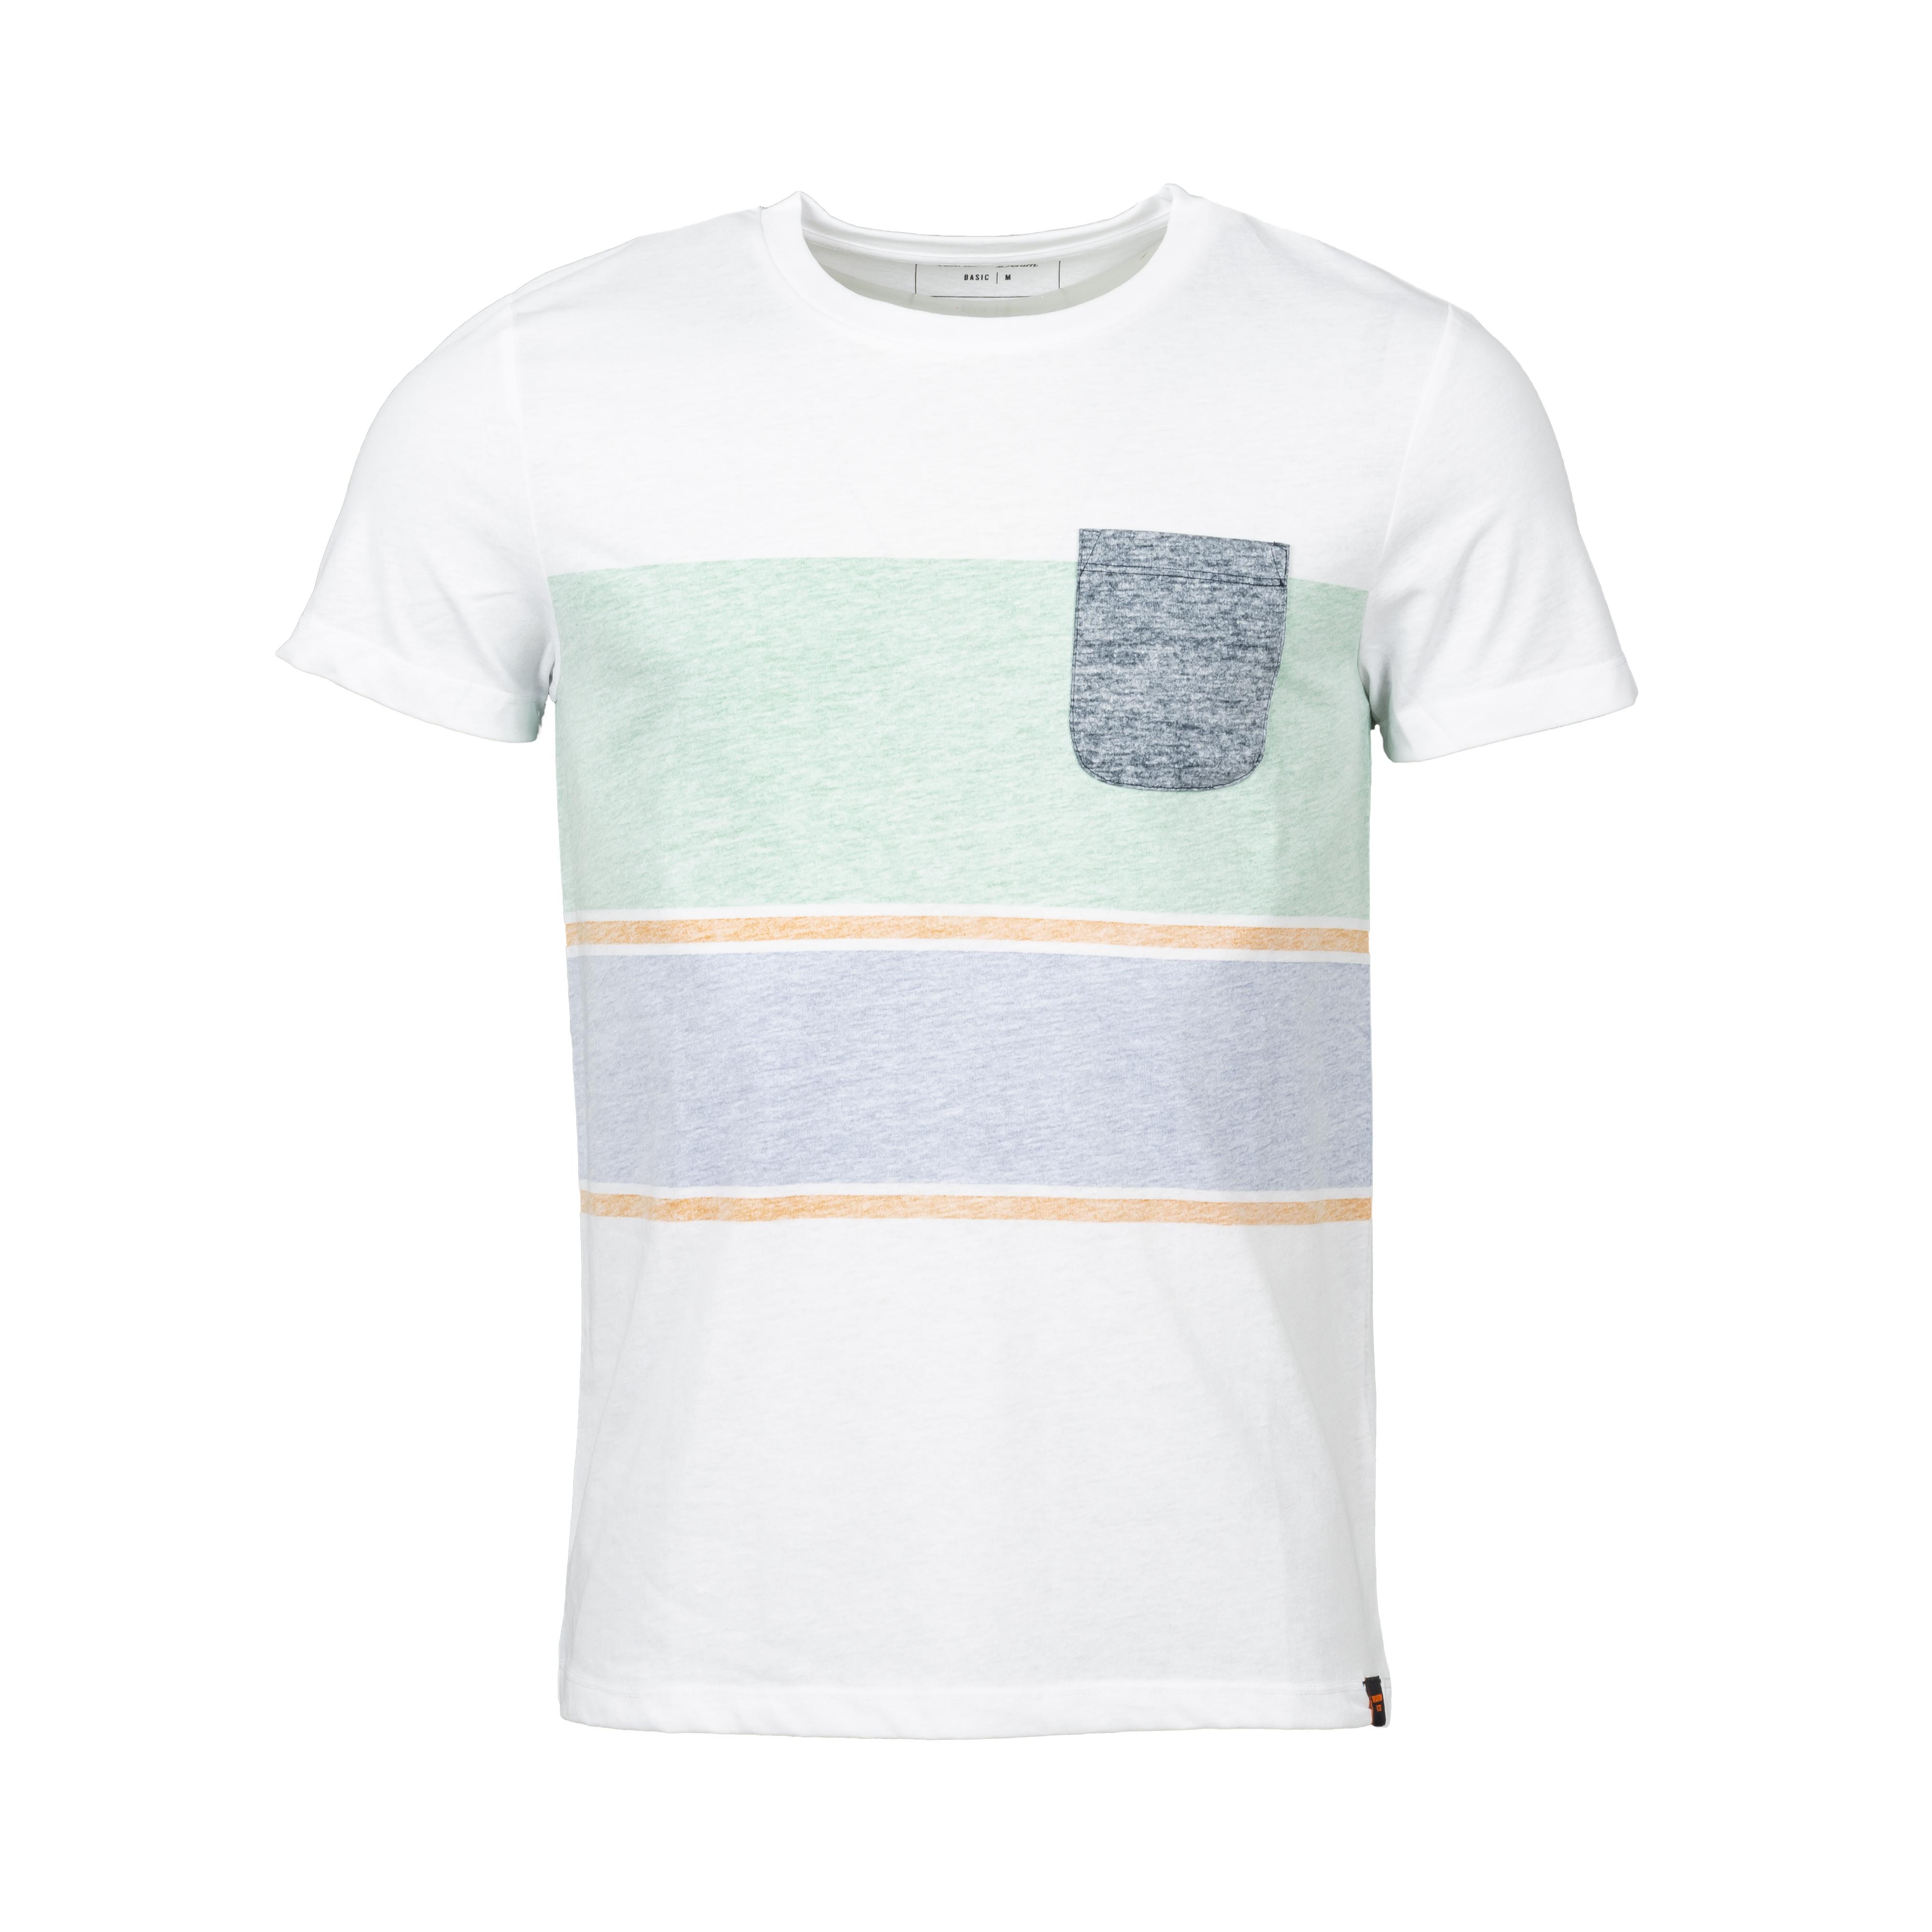 Tee-shirt col rond  en coton blanc à bandes vertes et bleu